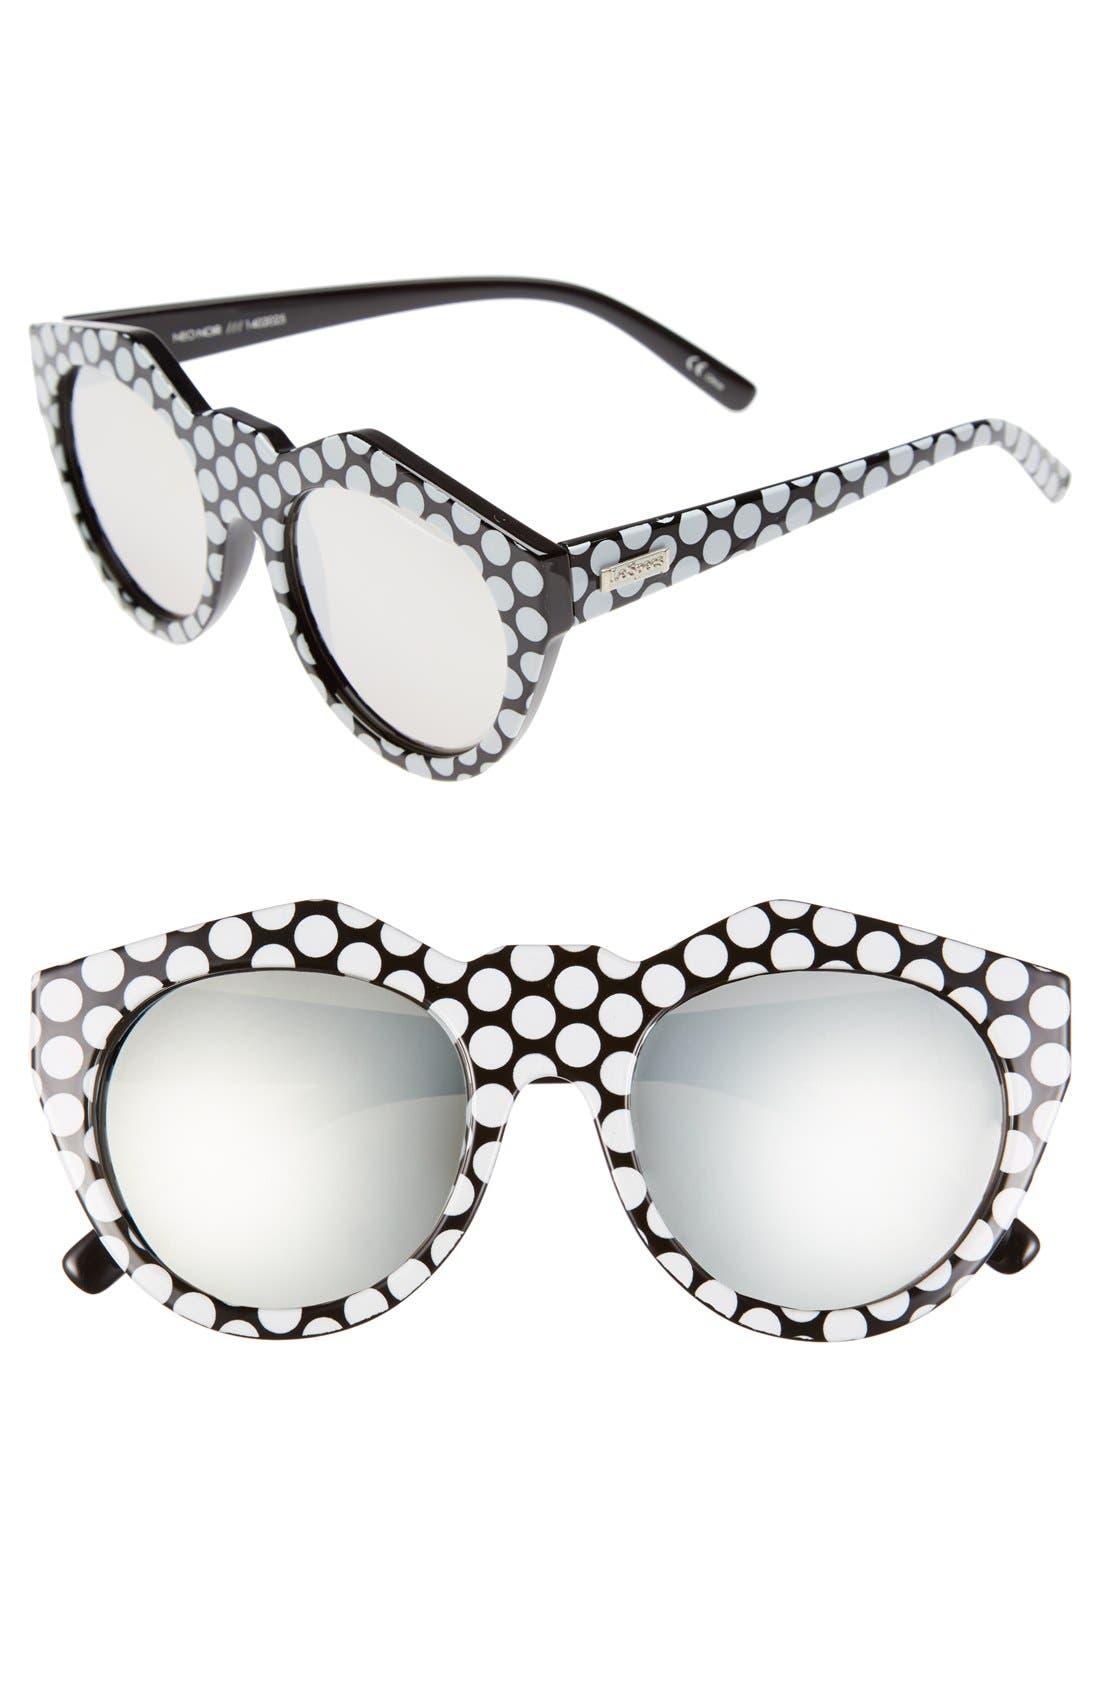 LE SPECS 'Neo Noir' 53mm Oversized Sunglasses, Main, color, 001